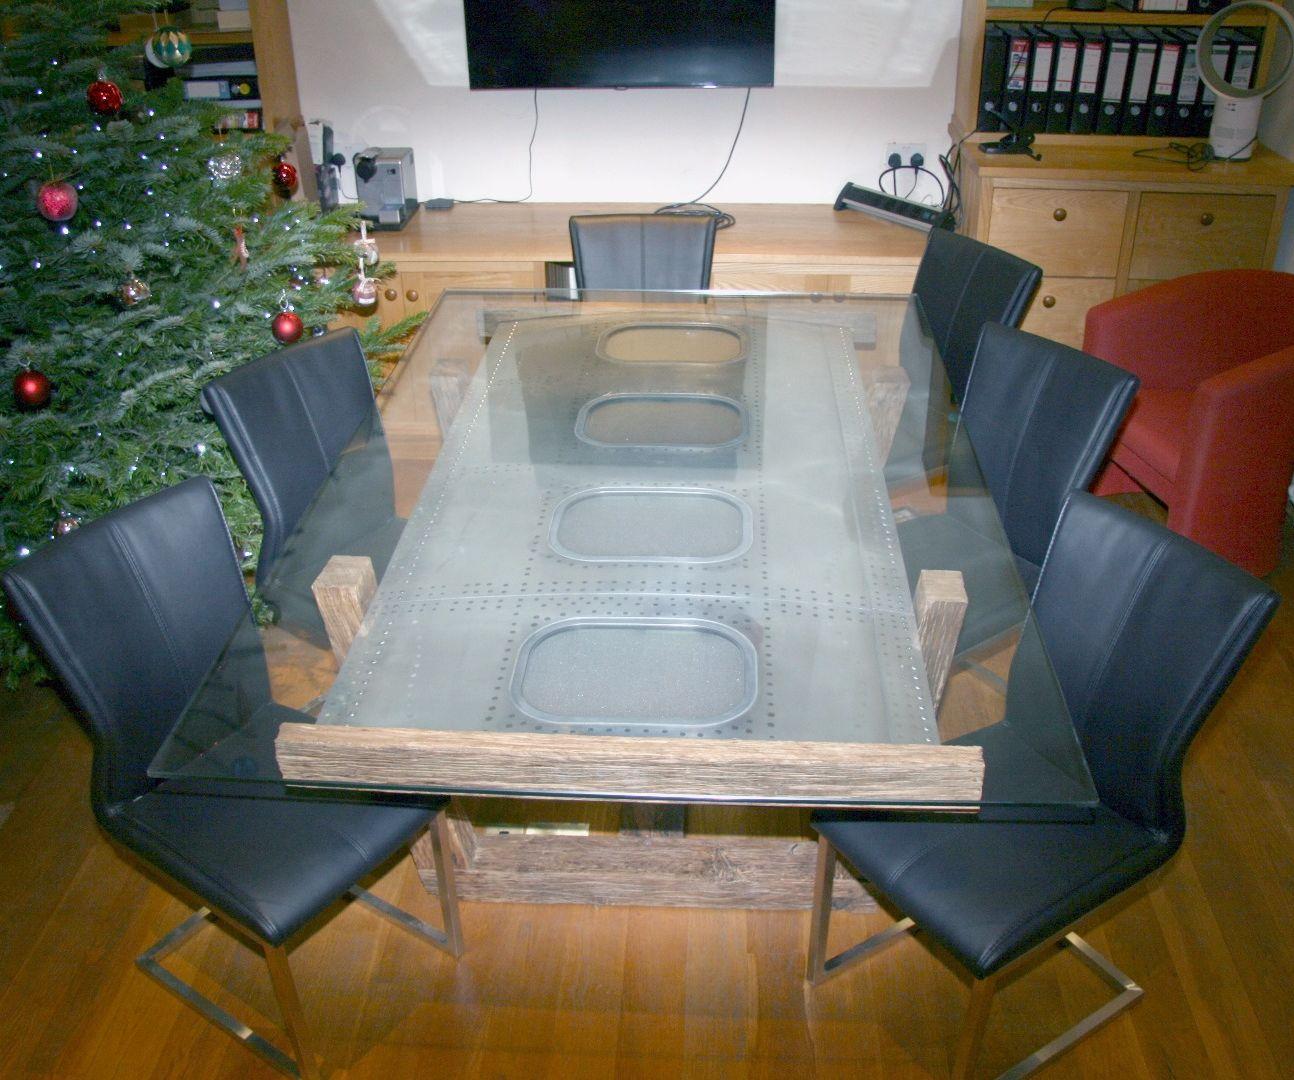 747 Fuselage Meeting Table